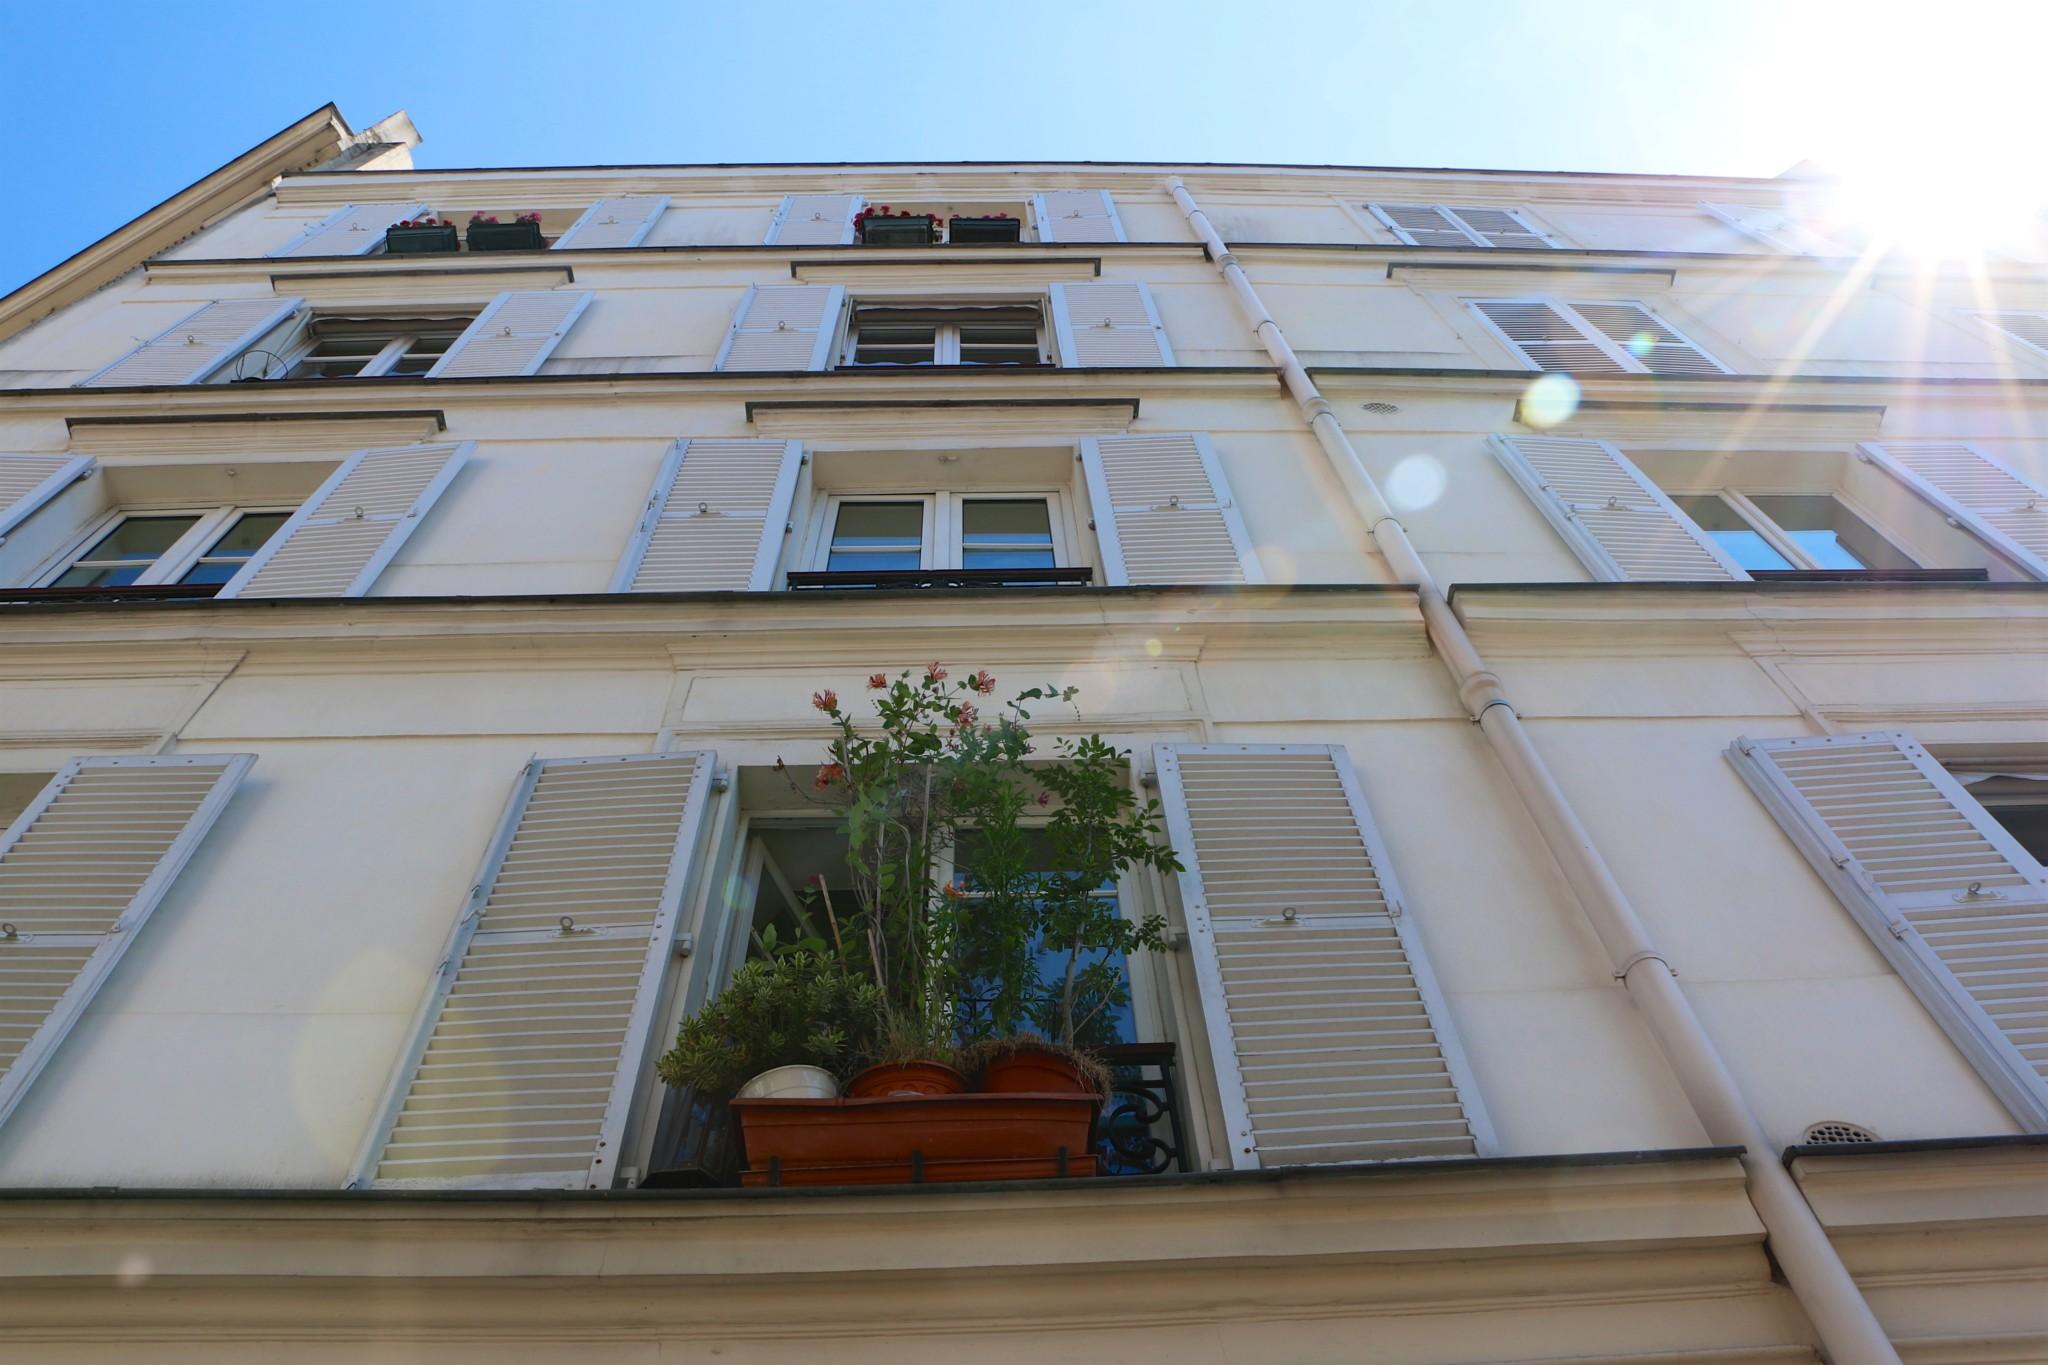 Van Gogh's Home│Montmartre